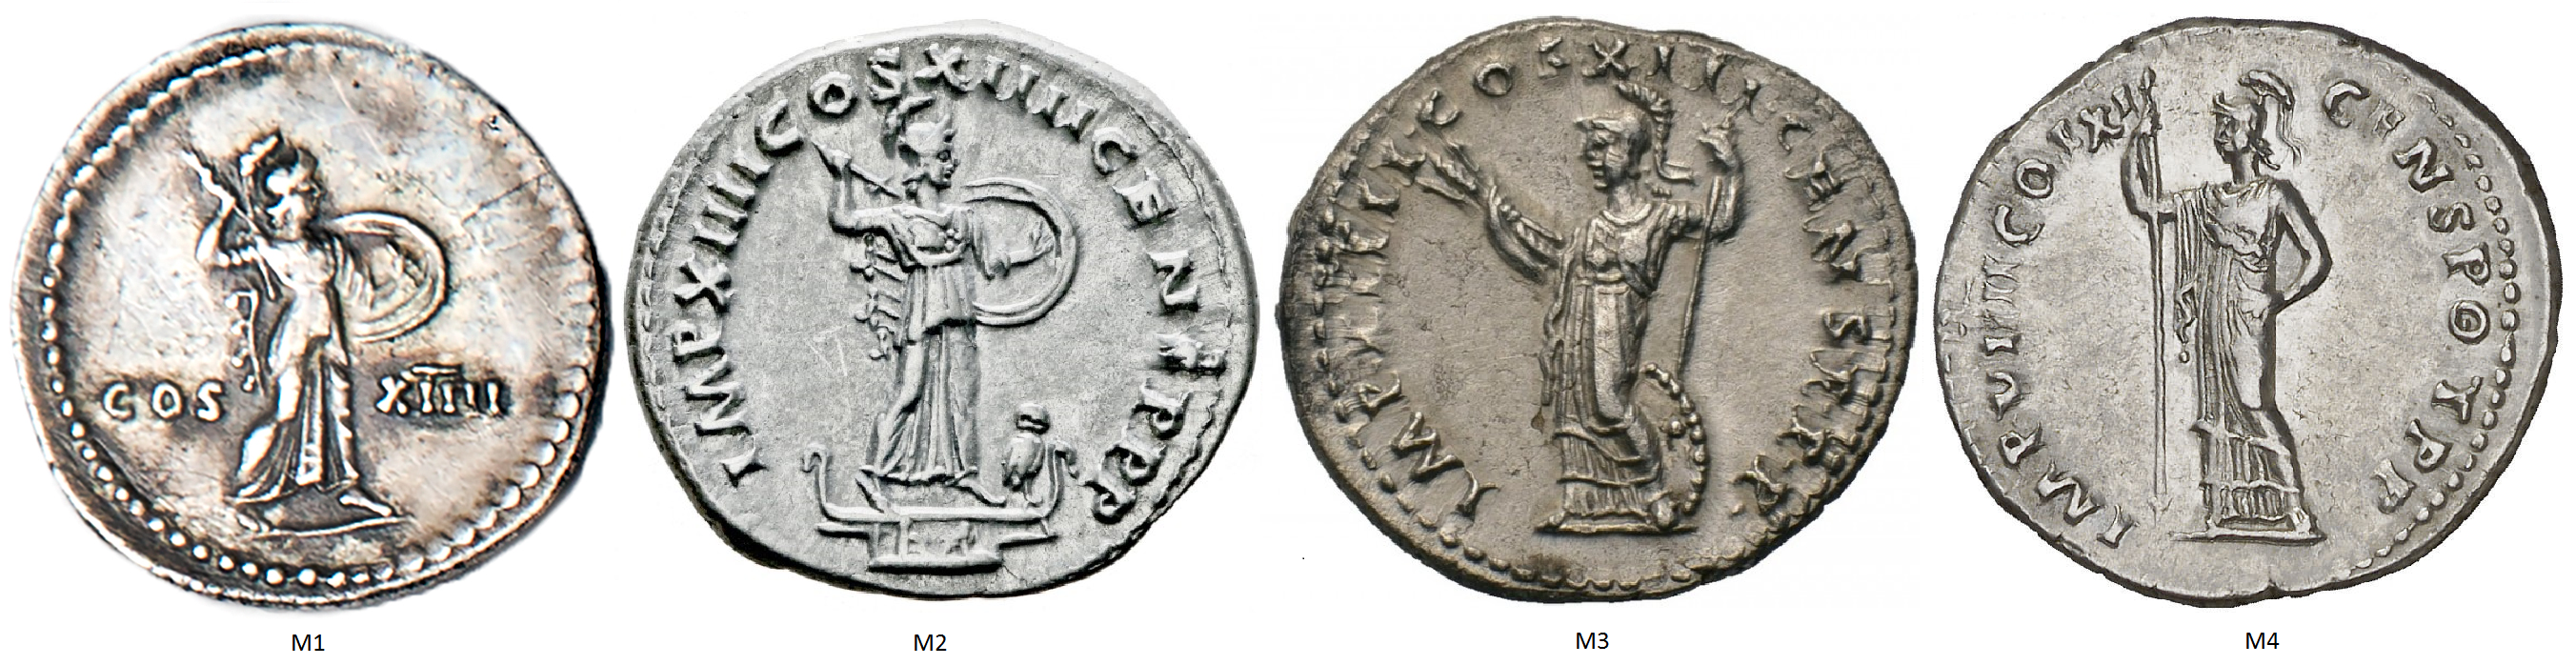 Four Minerva reverses